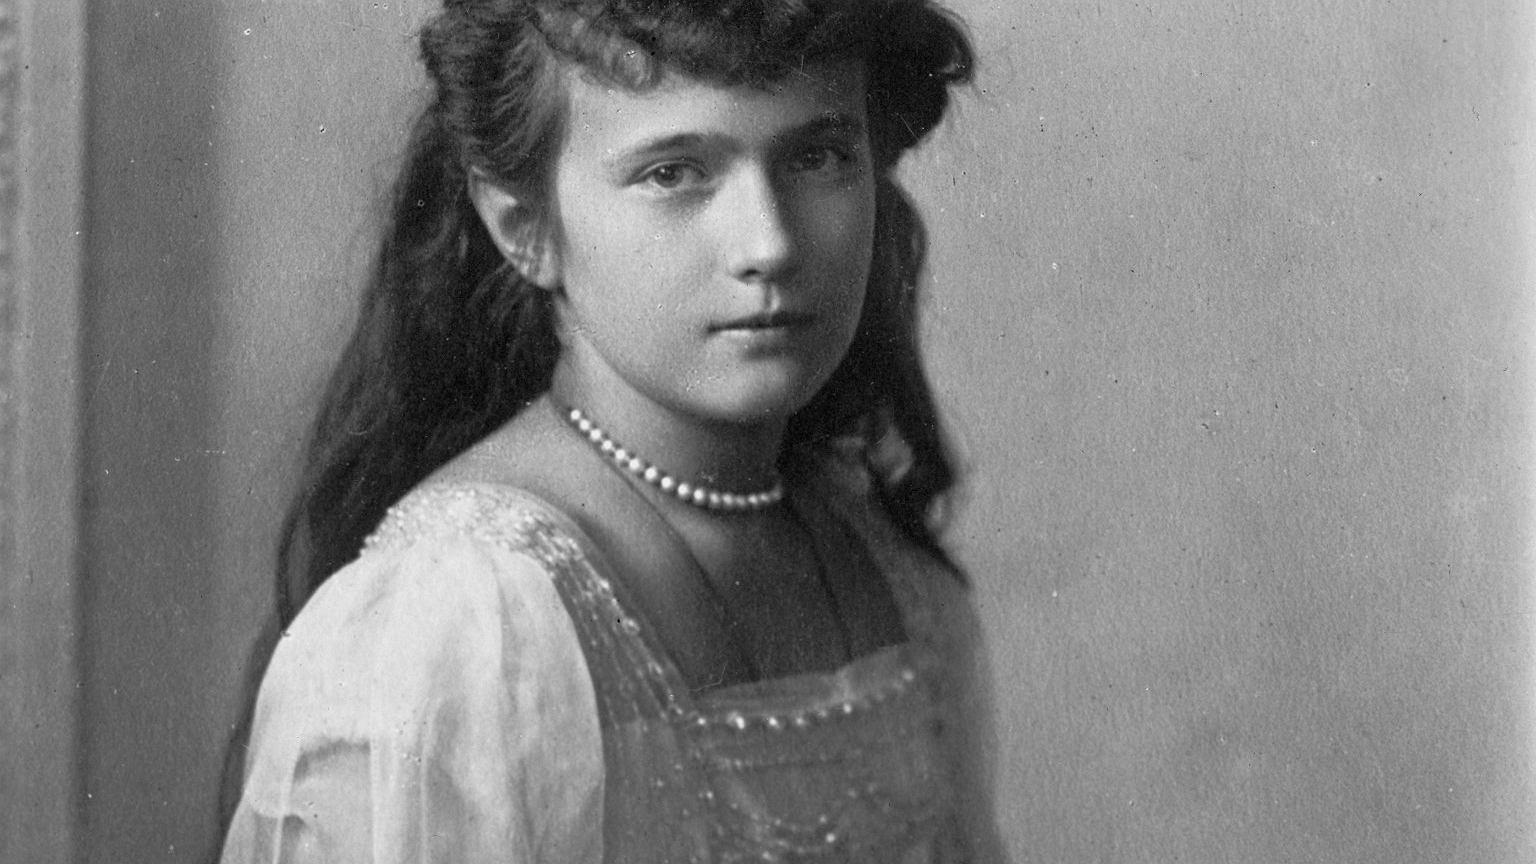 Wielka Ksiezna Anastazja 1914 R